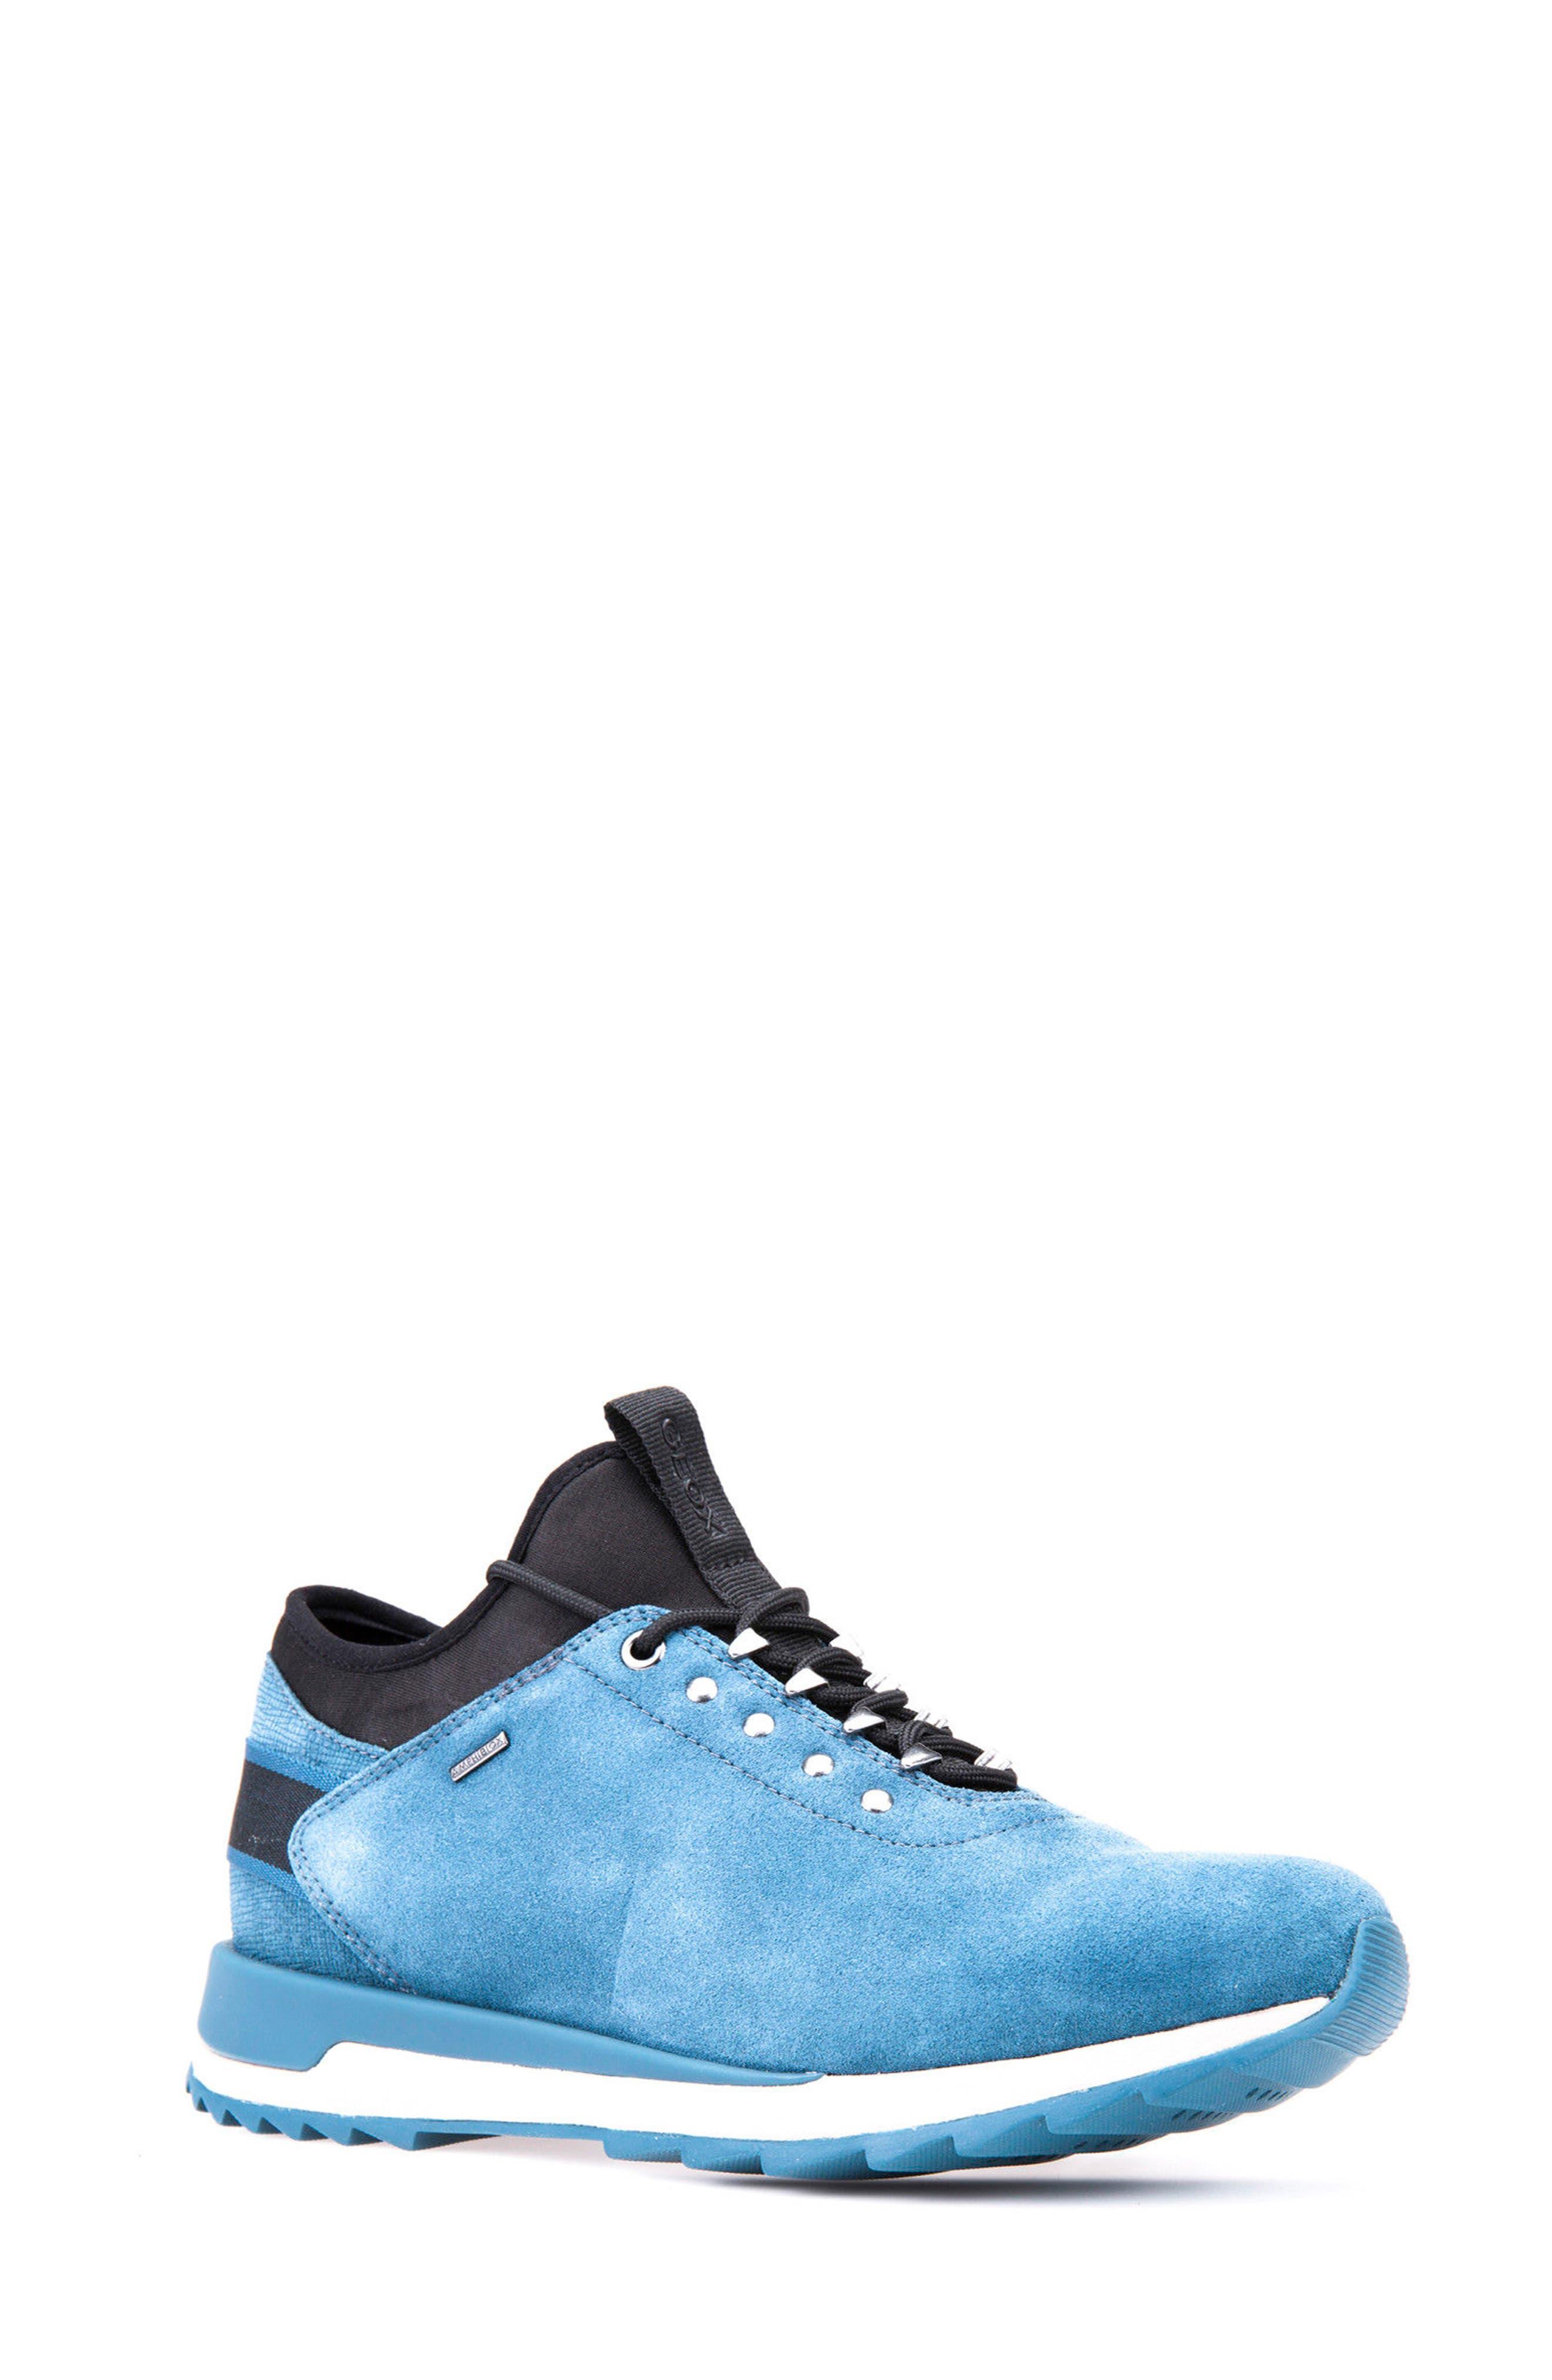 Geox Aneko ABX Waterproof Sneaker (Women)